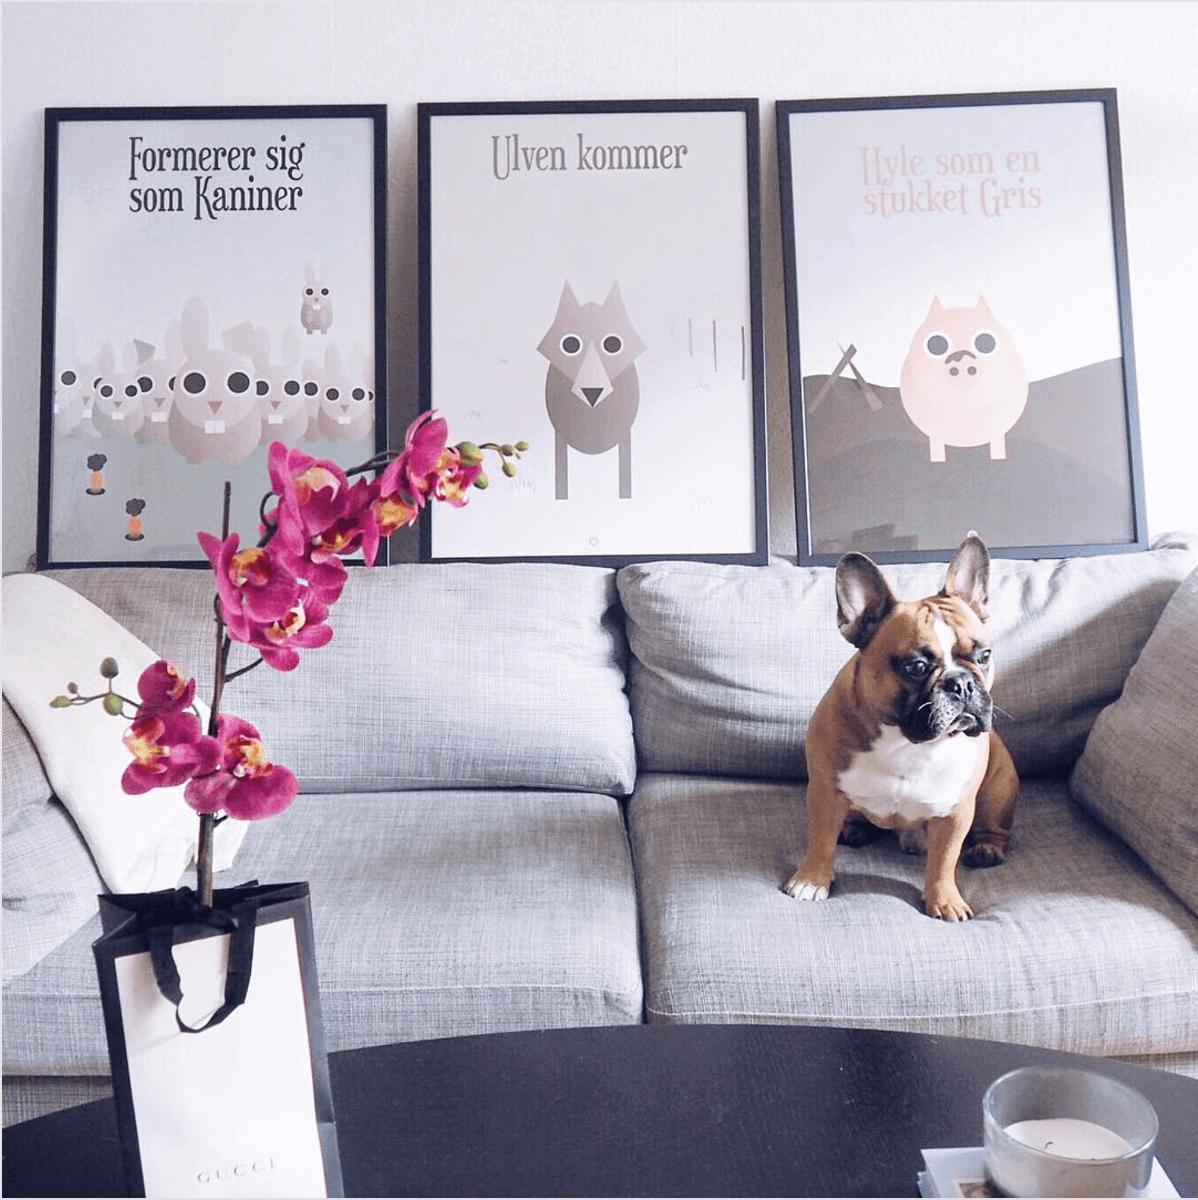 plakater i stuen med sjove ordsprog med dyr